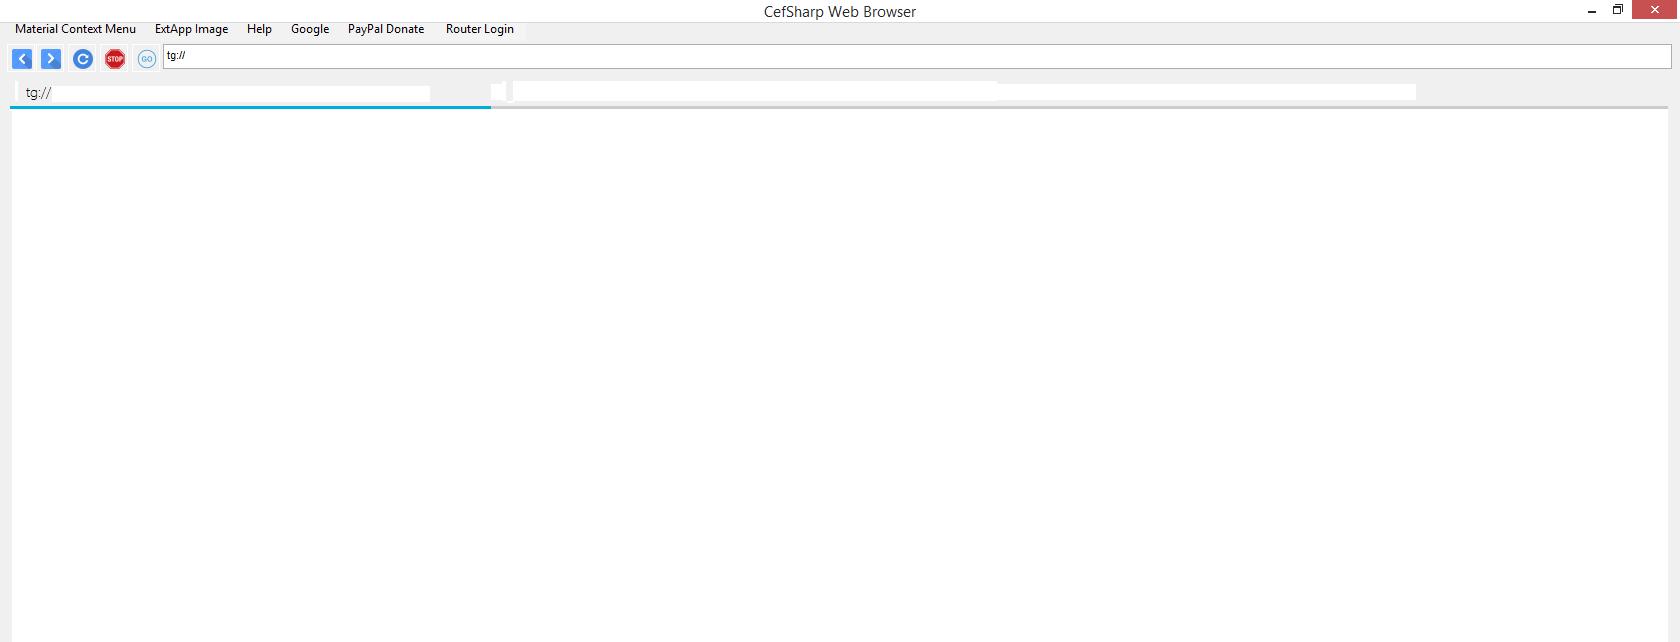 ProblemOpen URLCapture